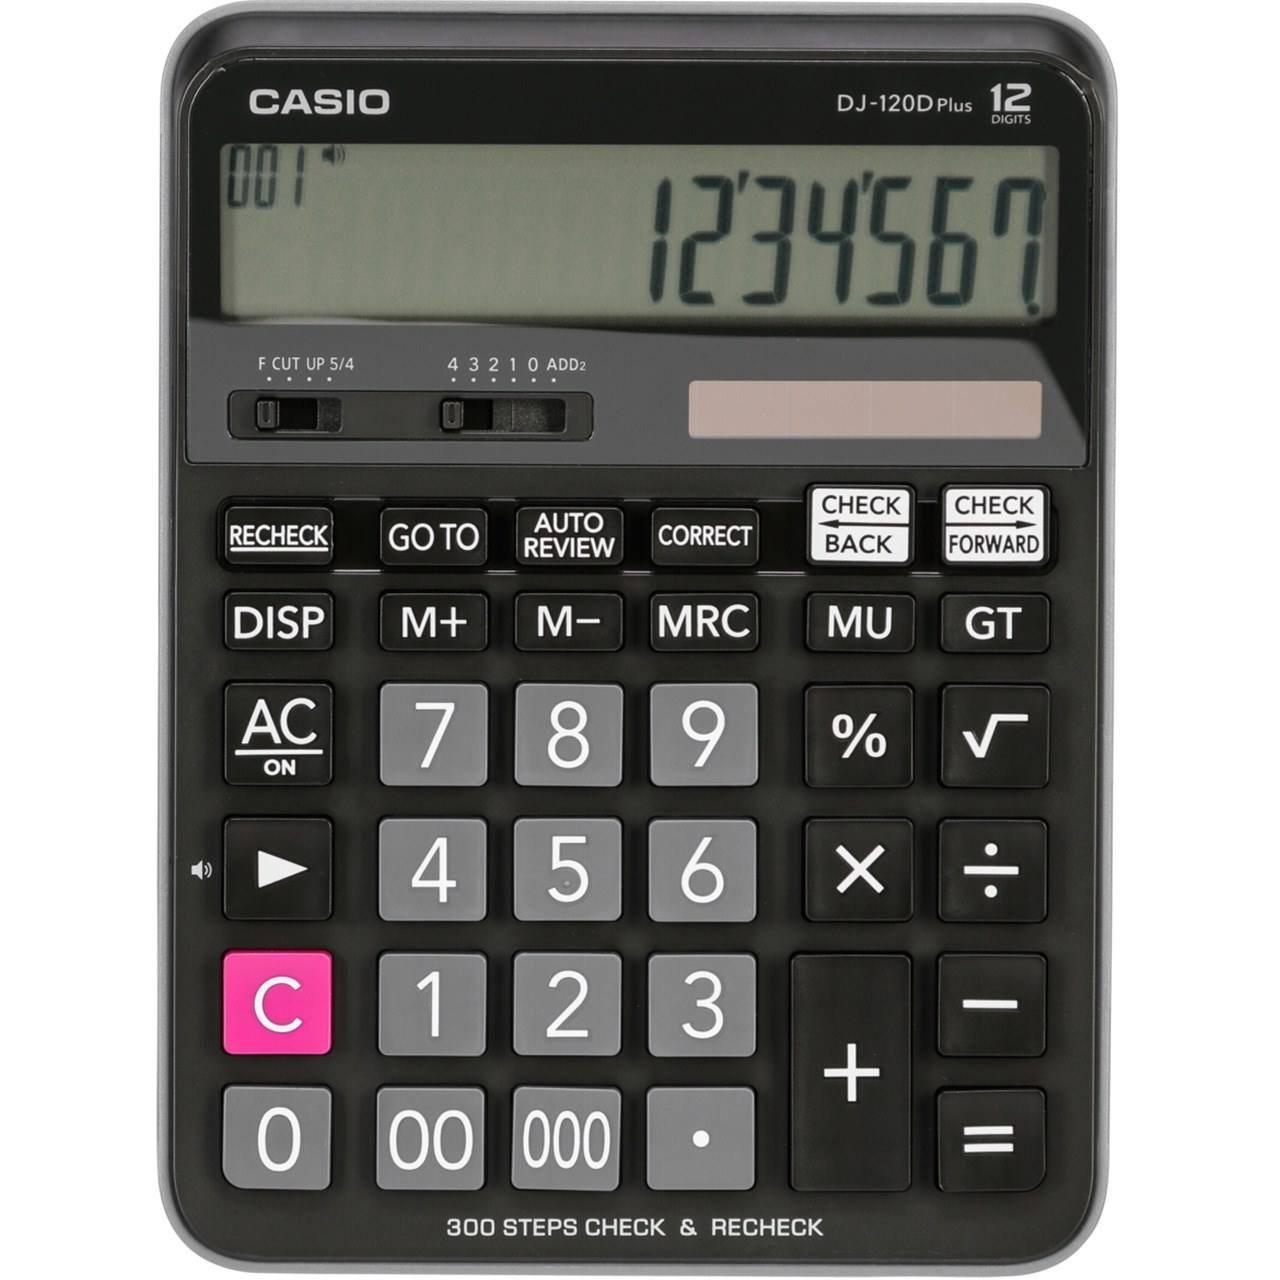 تصویر ماشین حساب کاسیو مدل DJ-120D Plus